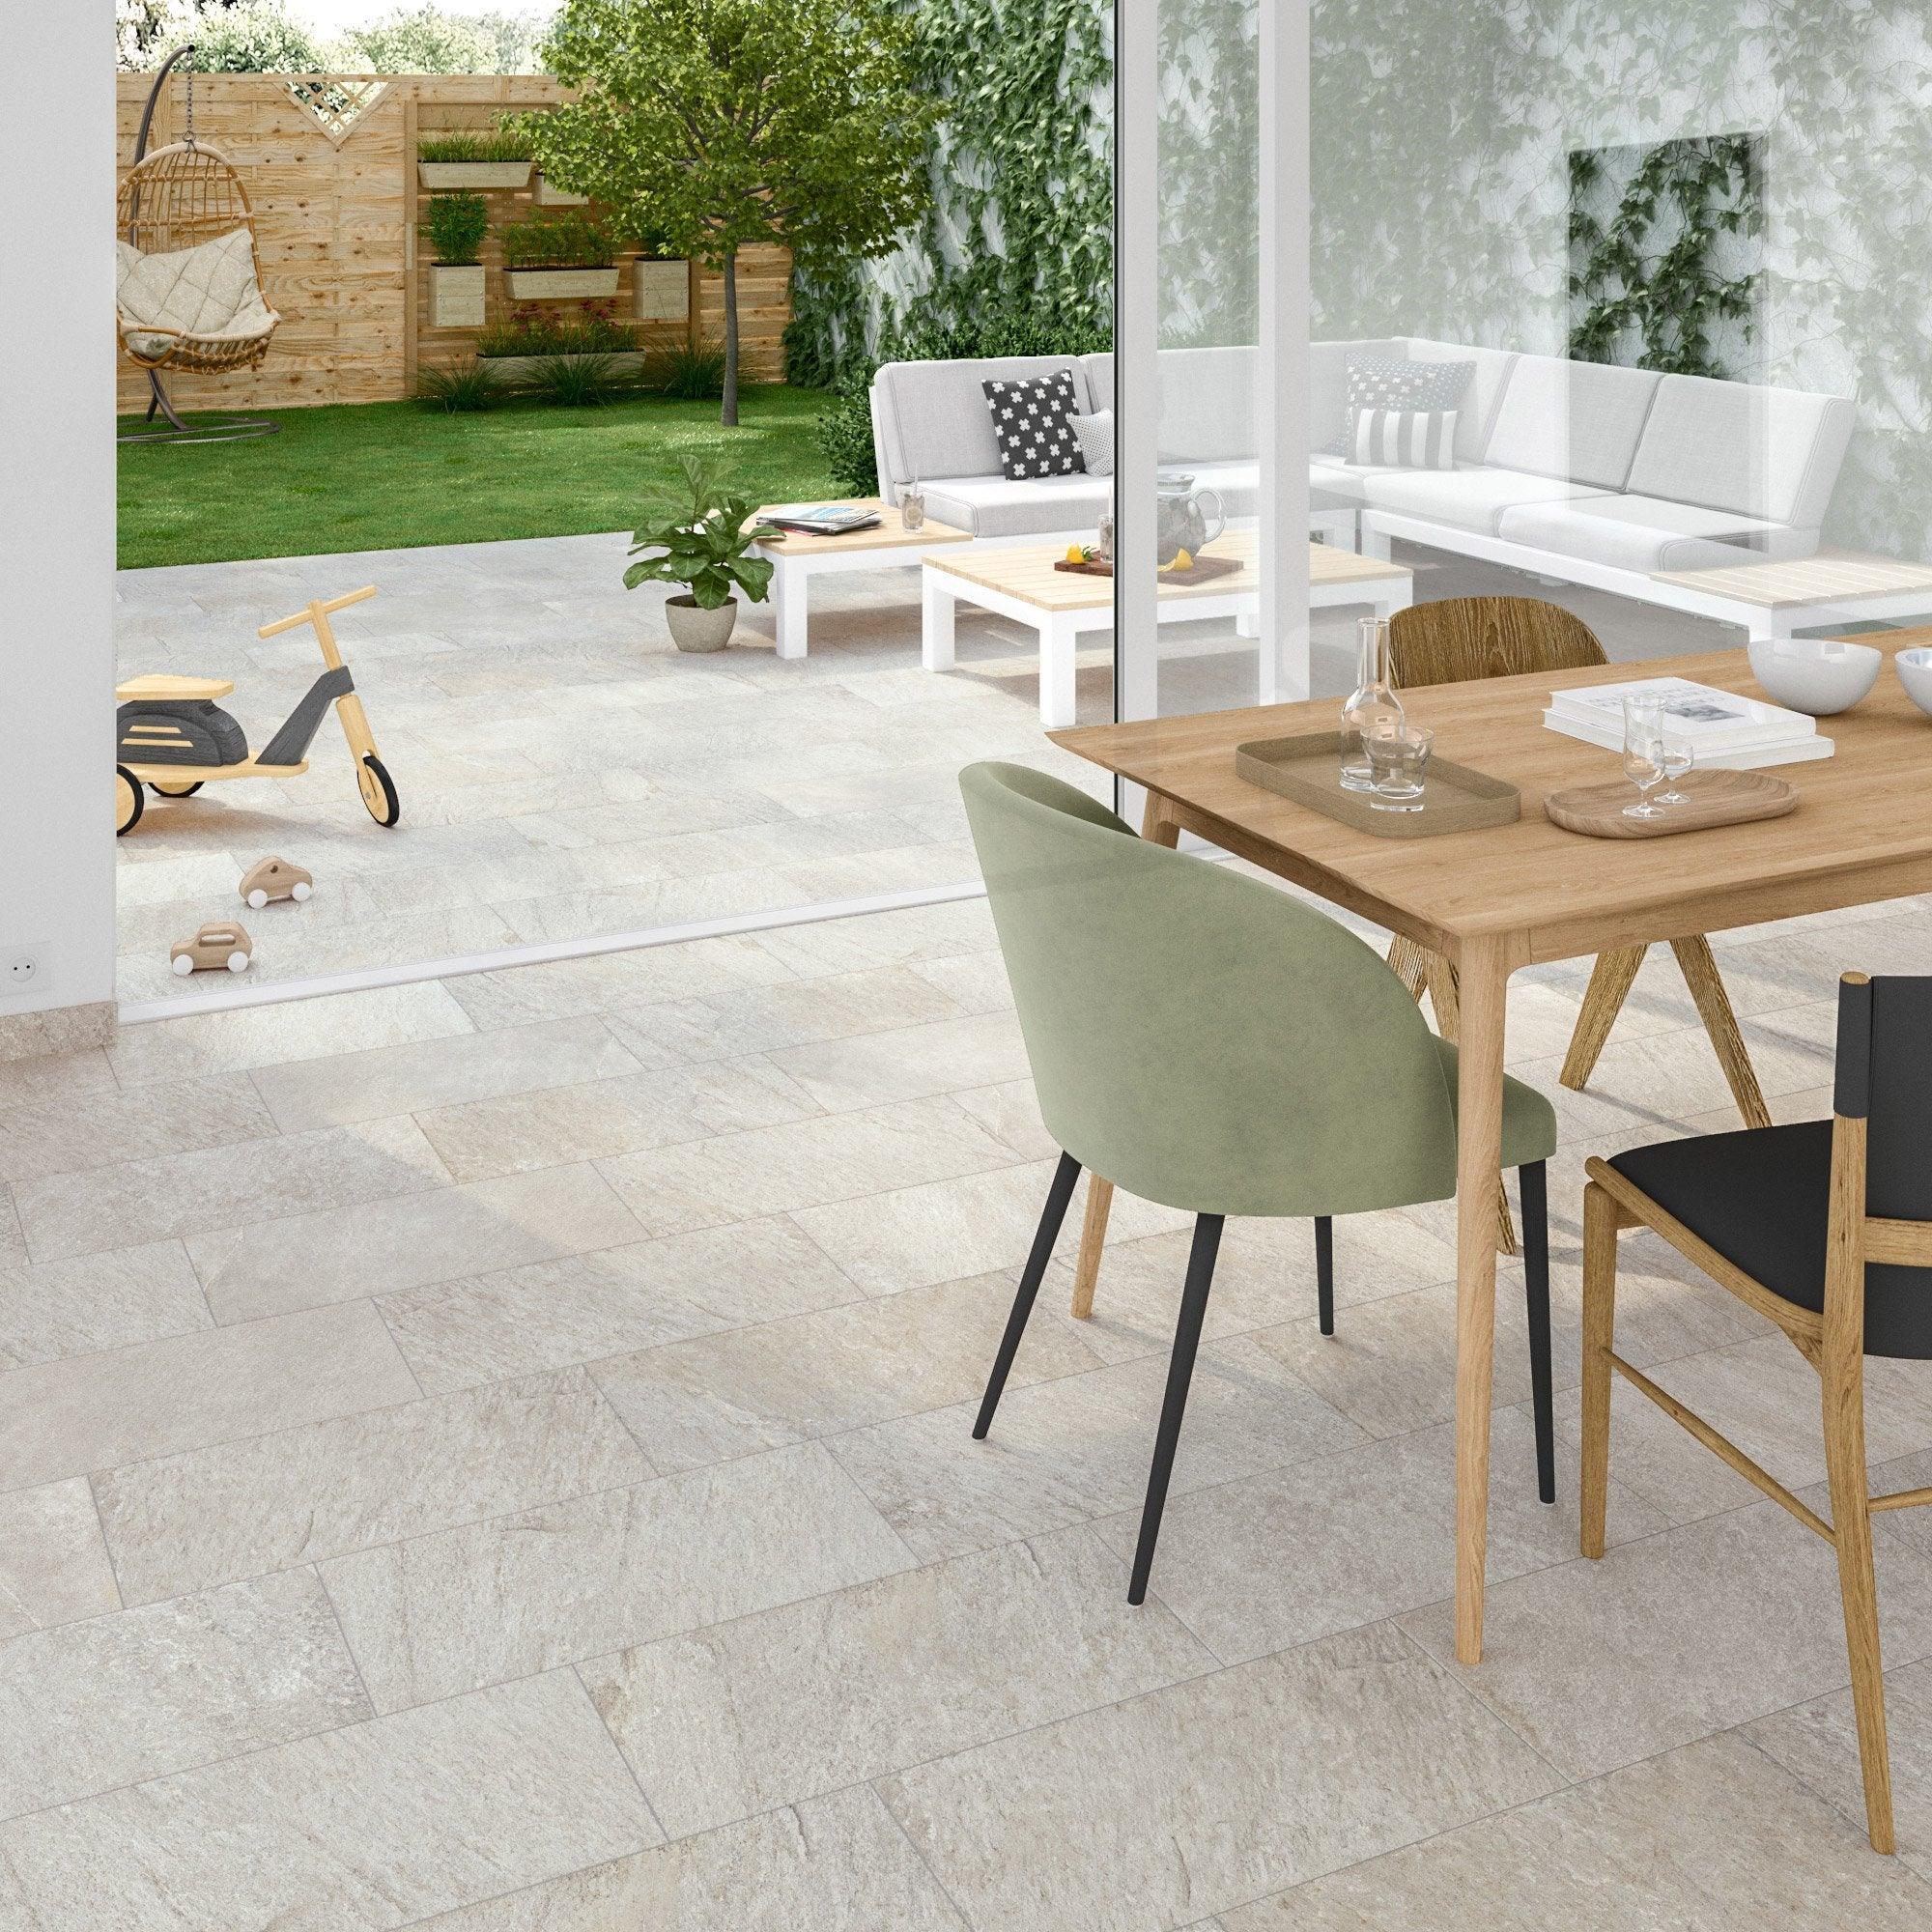 Carrelage sol et mur intenso effet ciment beige Island l.30 x L.60 cm ARTENS